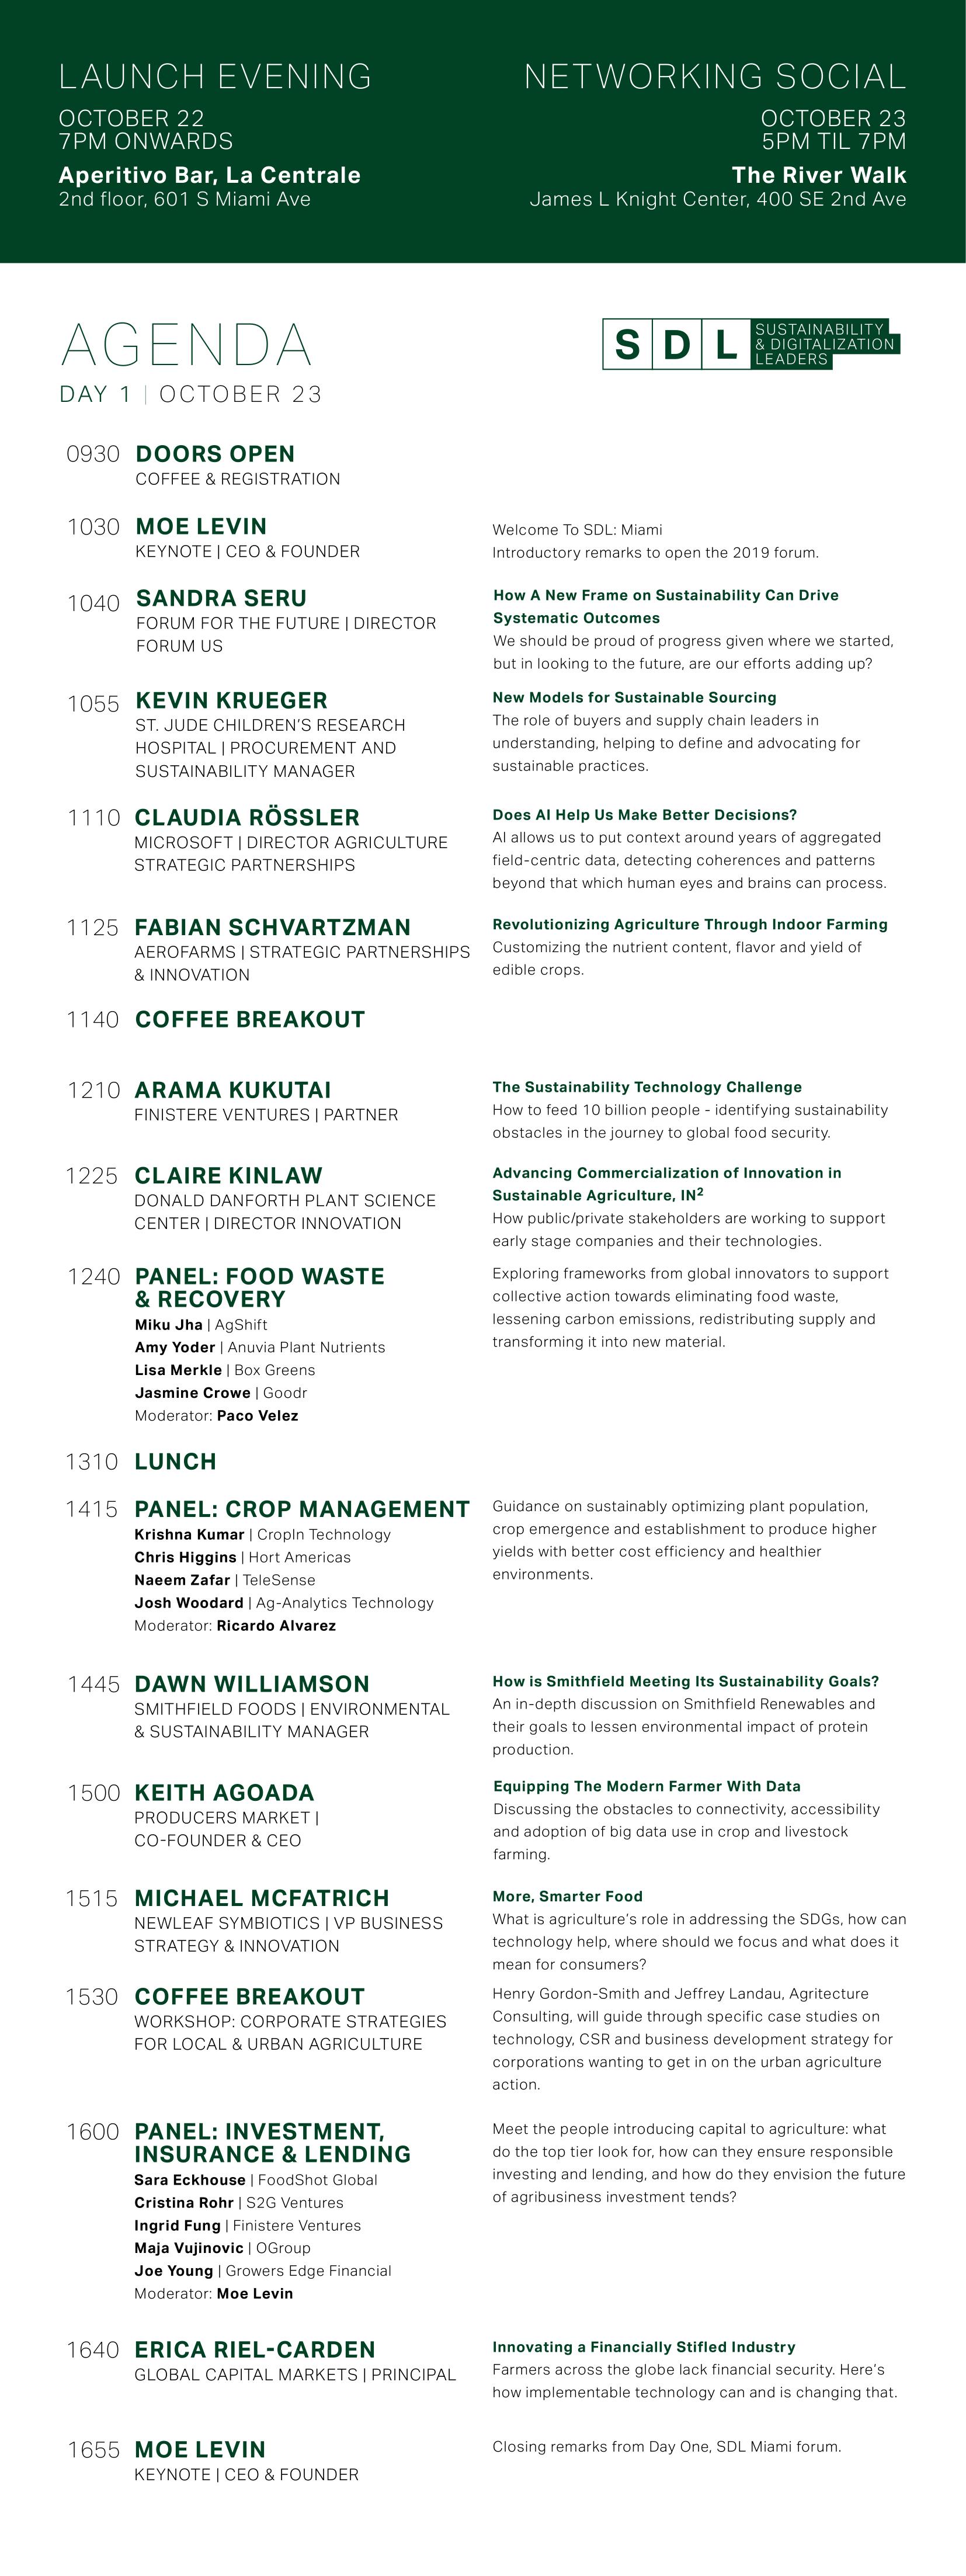 SDL_Agenda_v5_211019-1.png